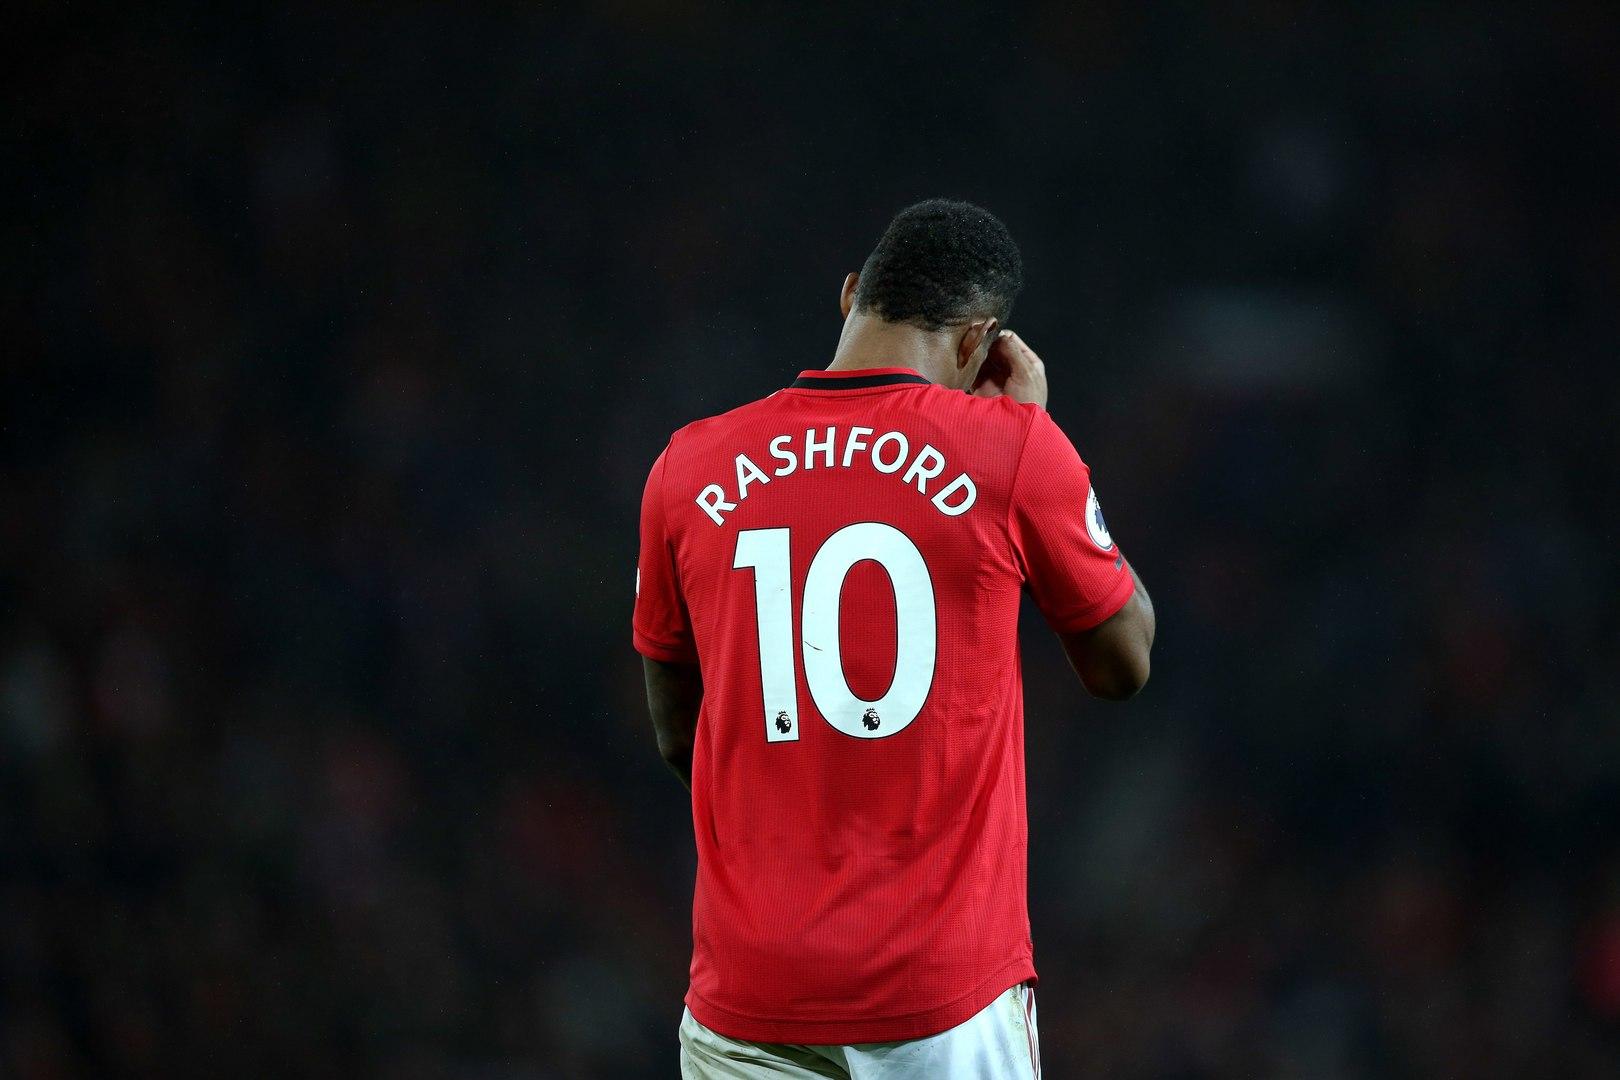 Manchester United : la saison 2019 / 2020 de Marcus Rashford en chiffres